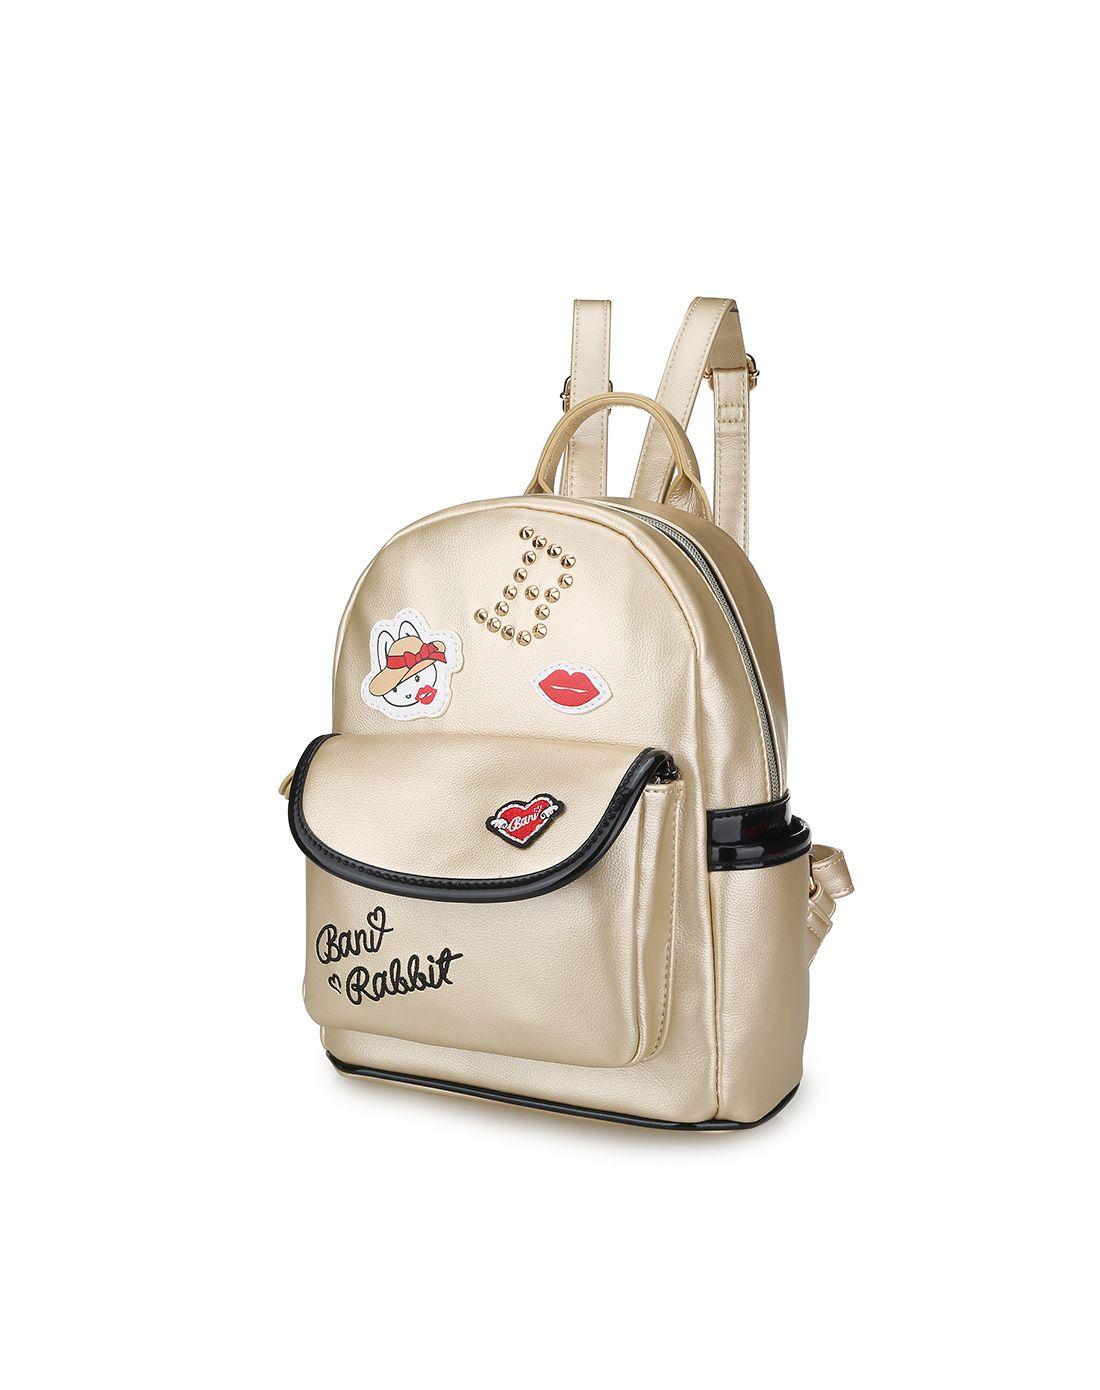 儿童时尚卡通用品专场贝妮兔迷你小背包151202420s70